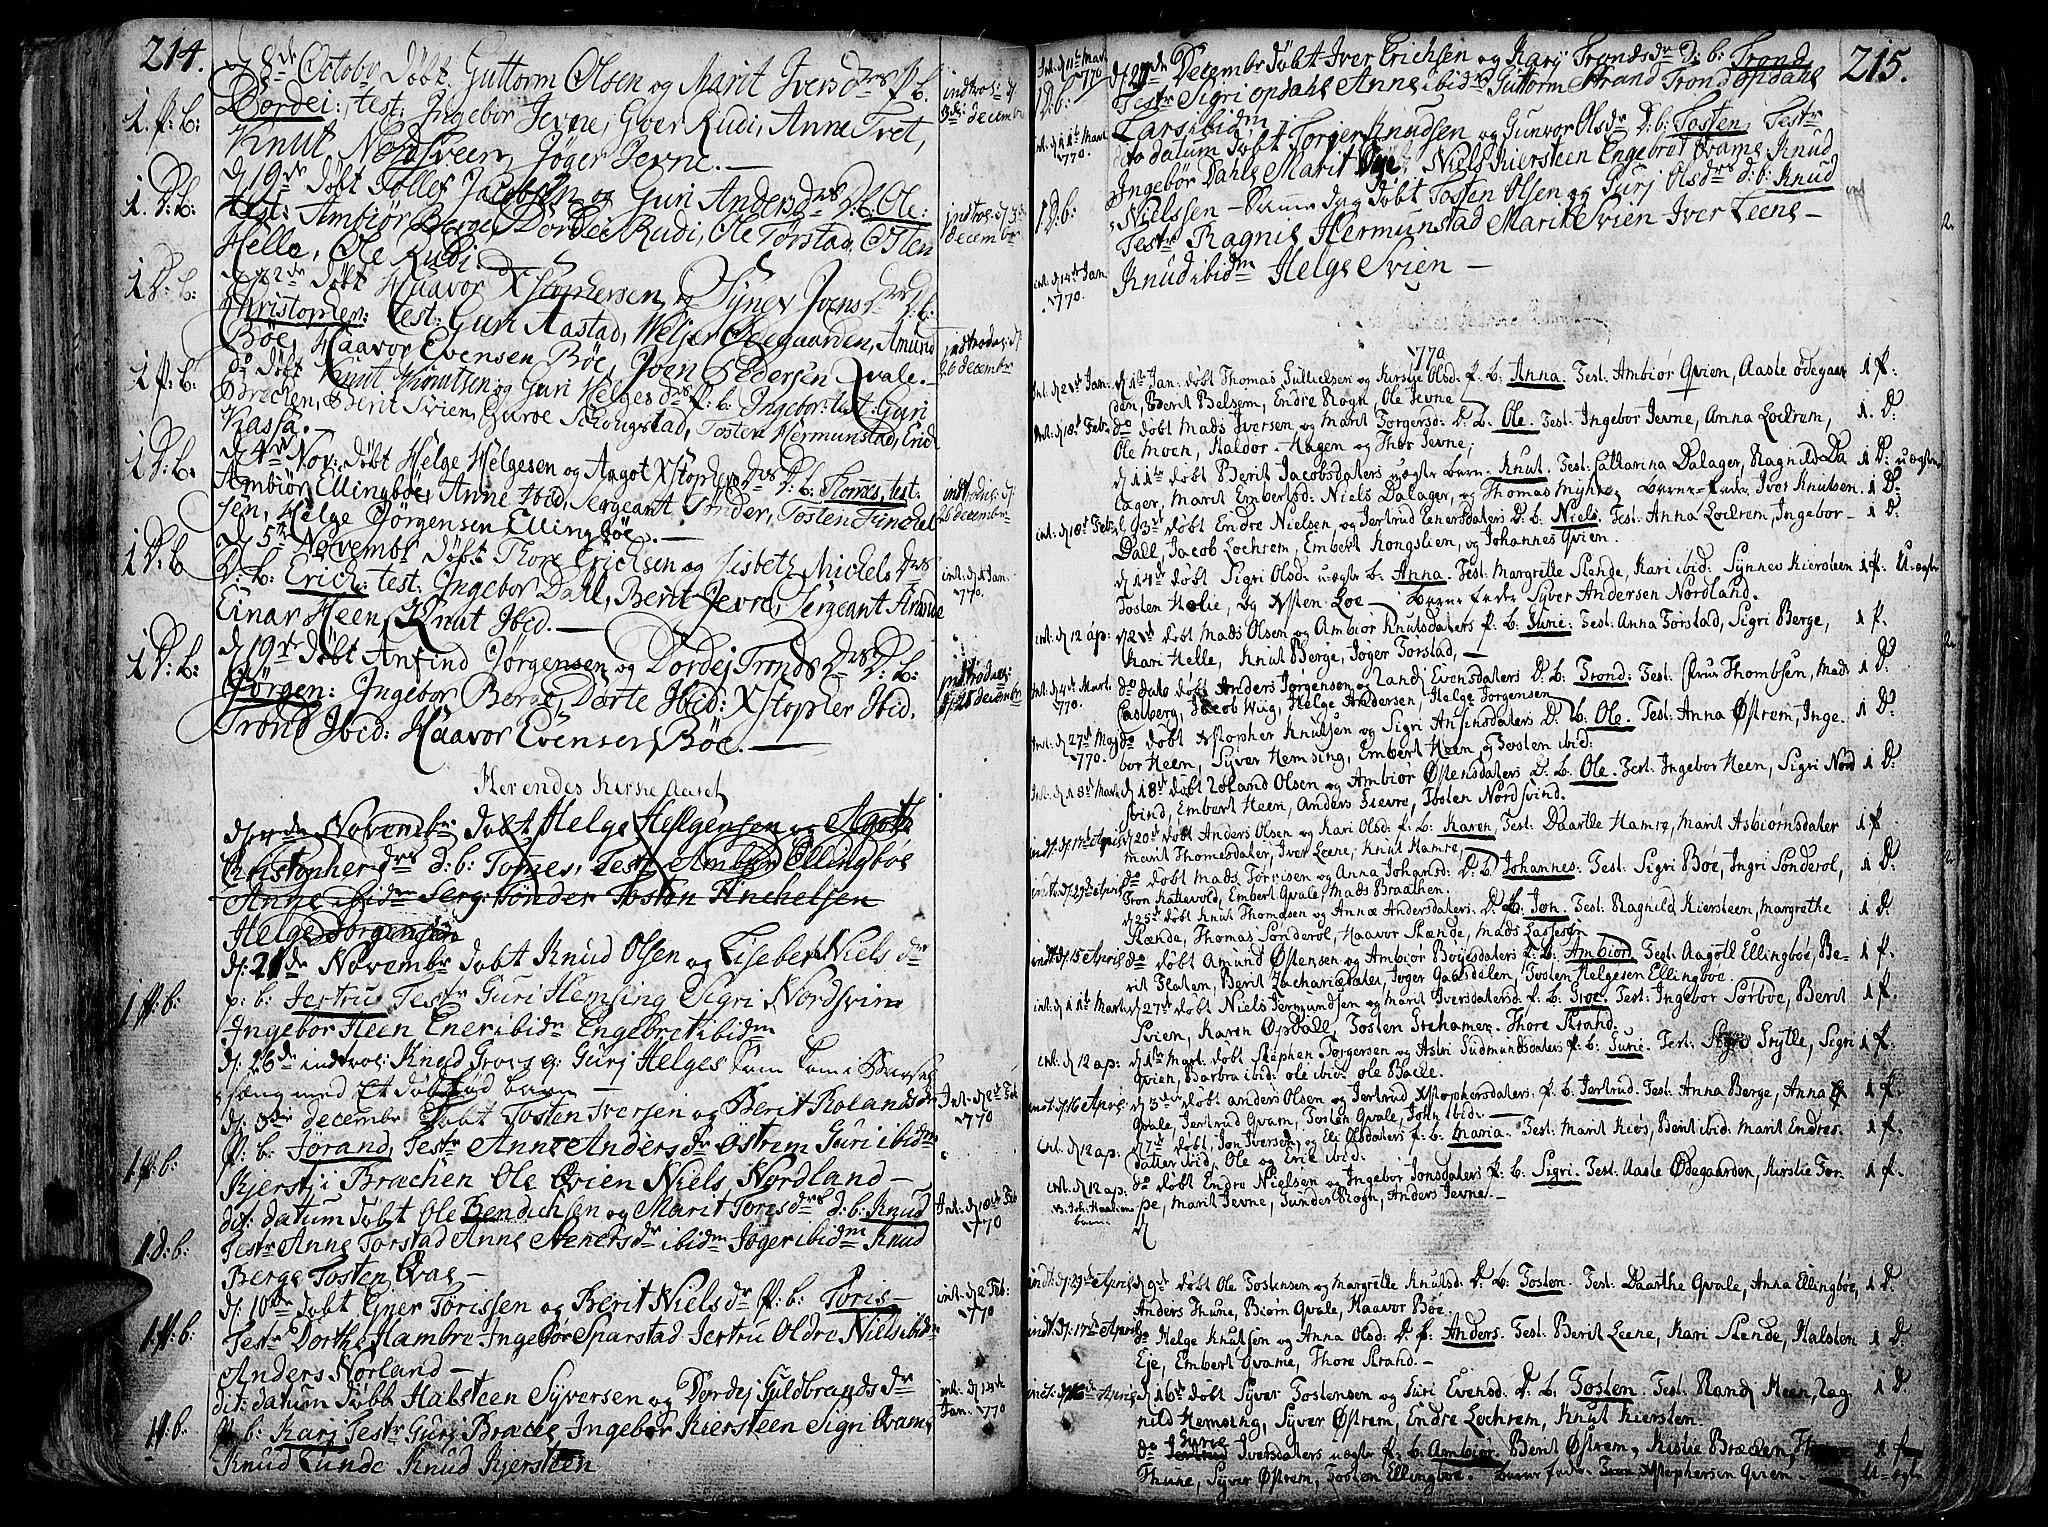 SAH, Vang prestekontor, Valdres, Ministerialbok nr. 1, 1730-1796, s. 214-215